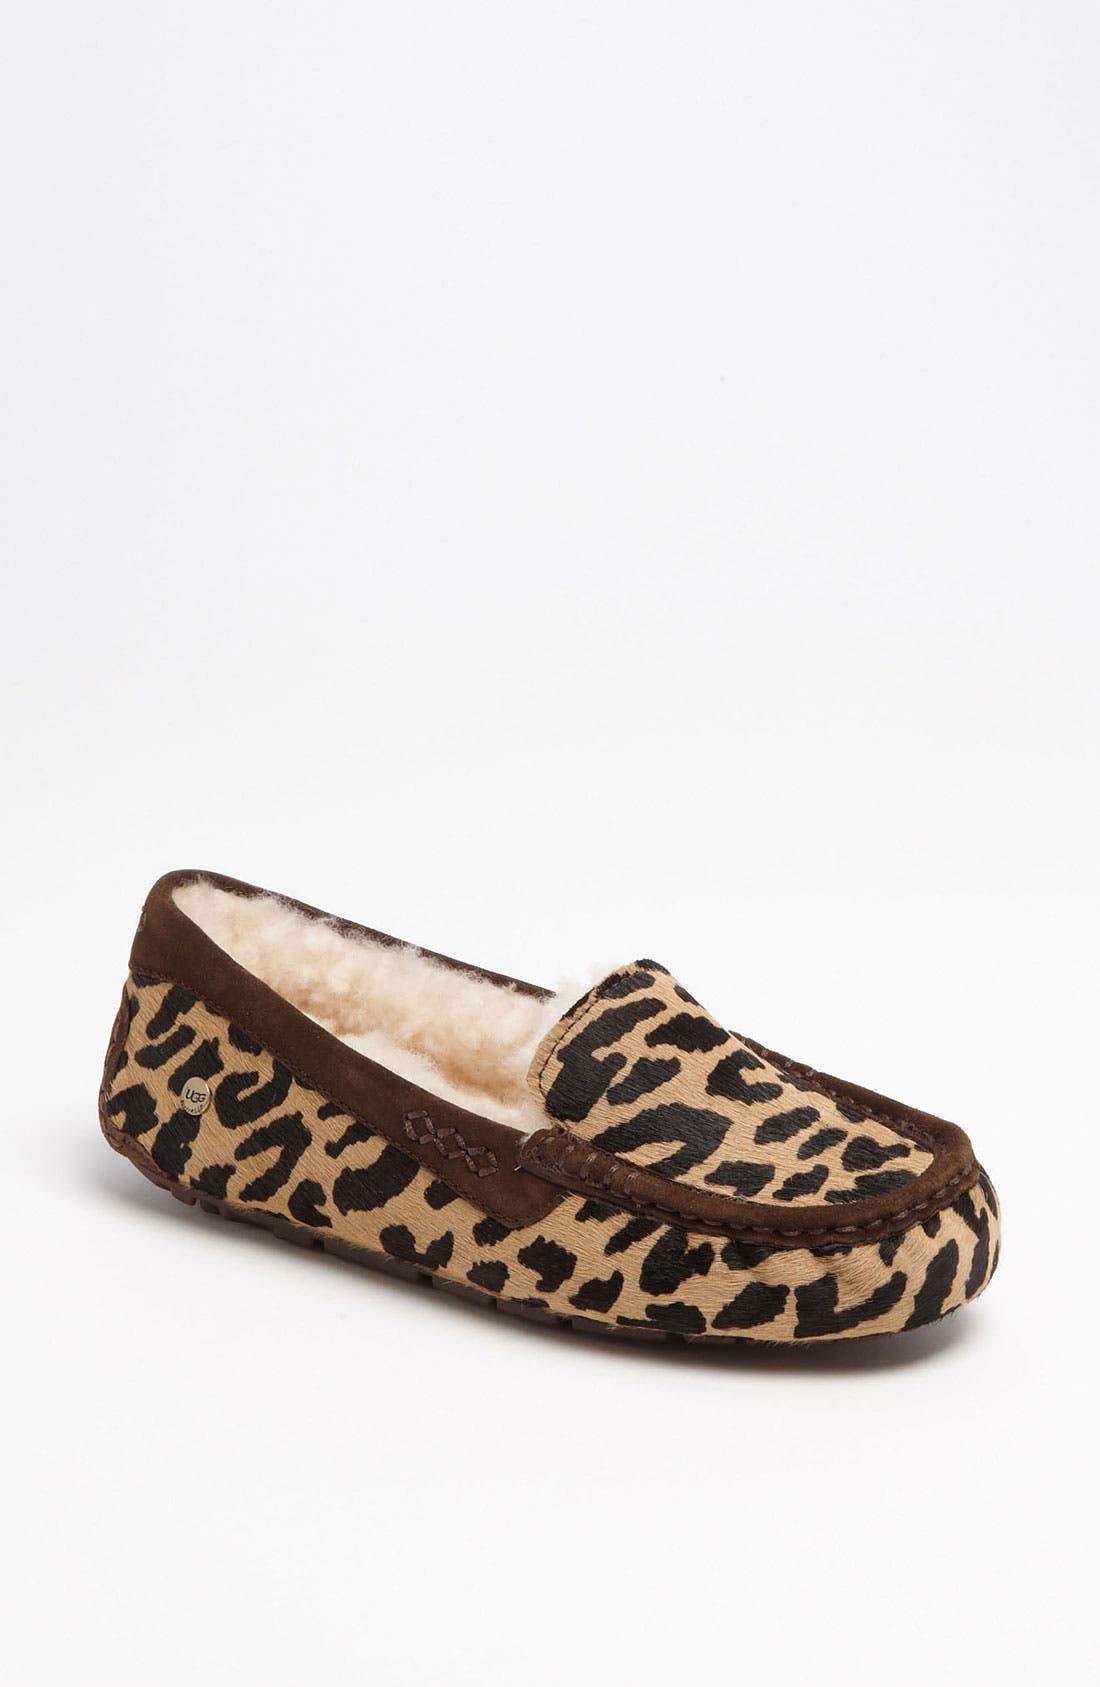 Alternate Image 1 Selected - UGG® Australia 'Ansley Exotic' Slipper (Women)